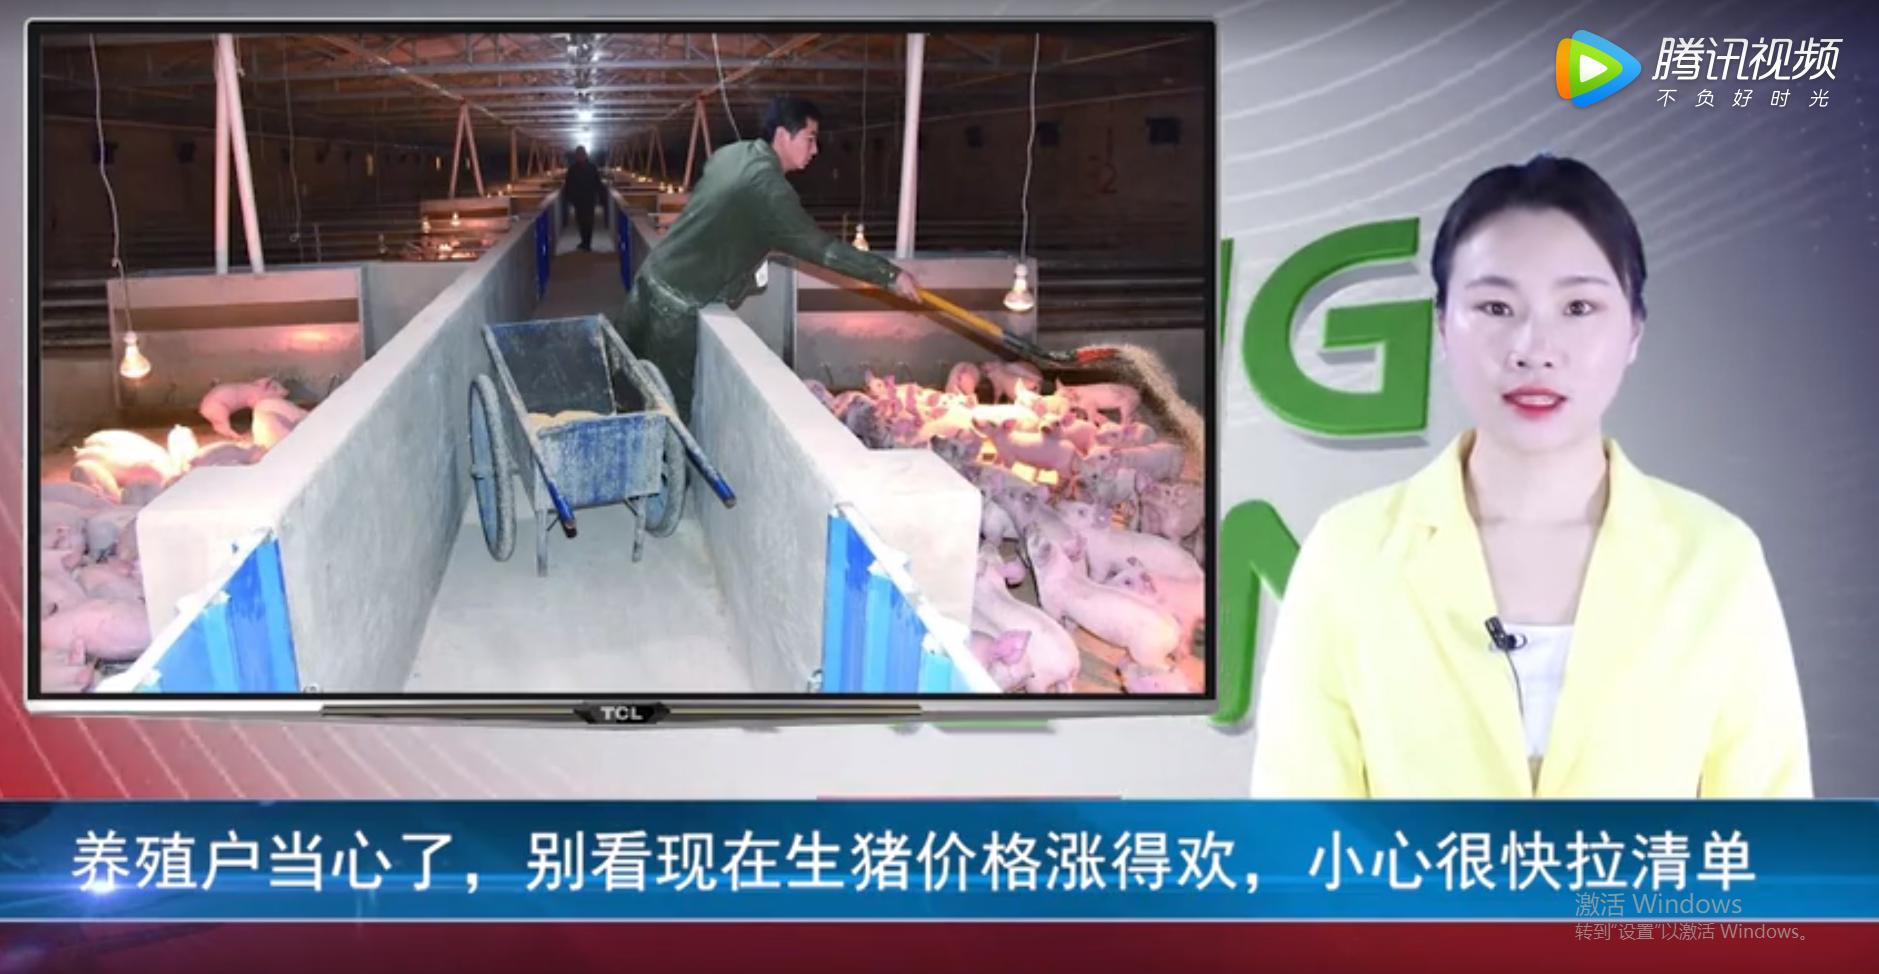 养殖户当心了,别看现在生猪价格涨得欢,小心很快拉清单